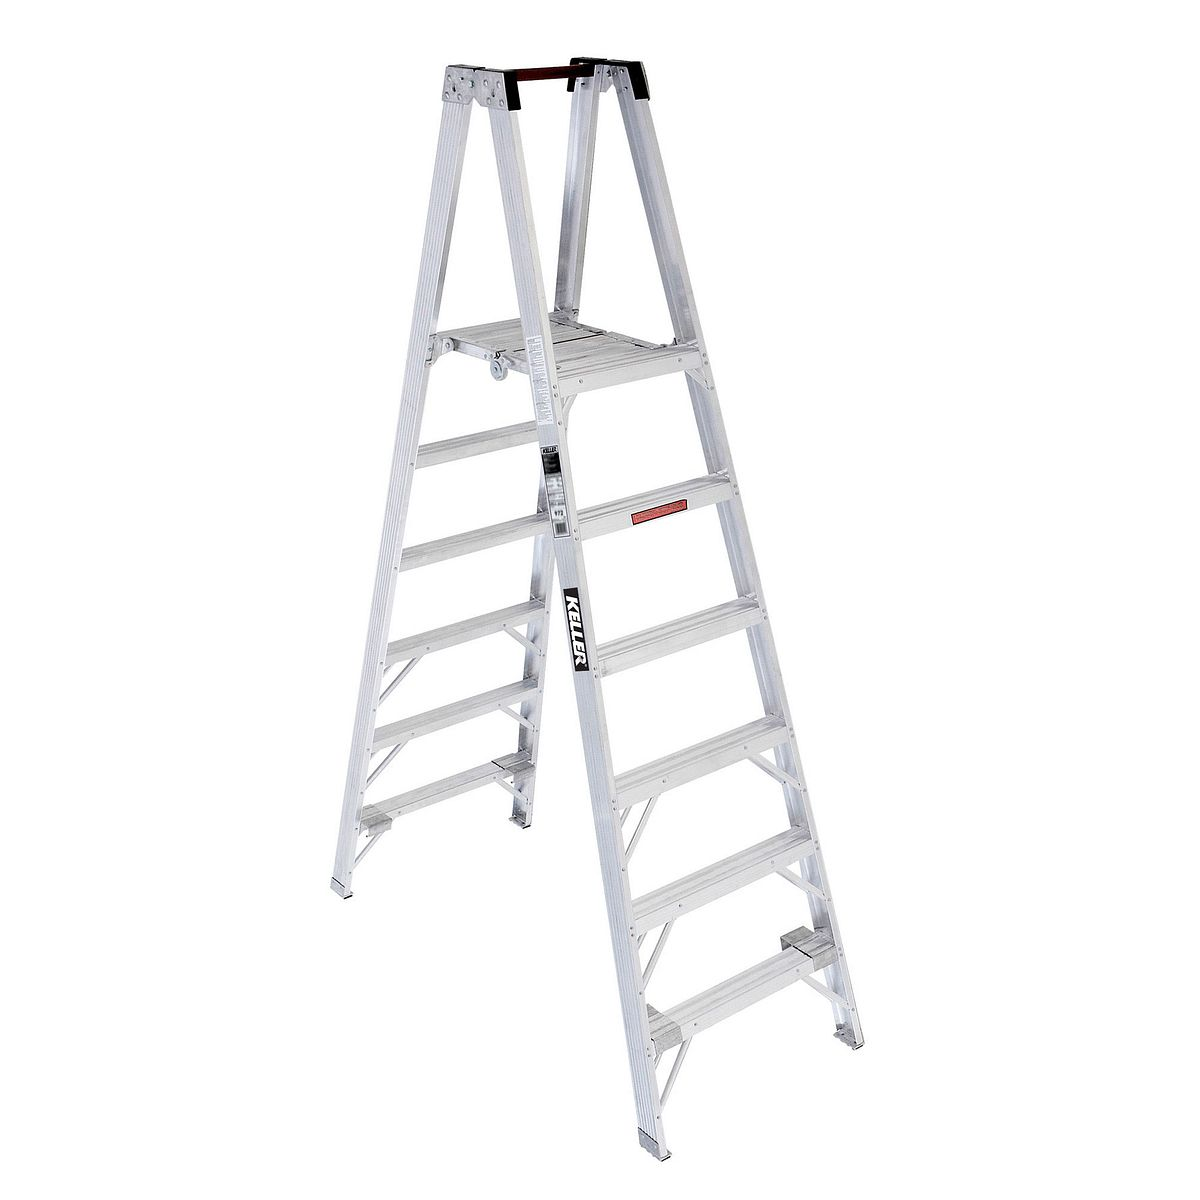 Pt900 Series Step Ladders Keller Us